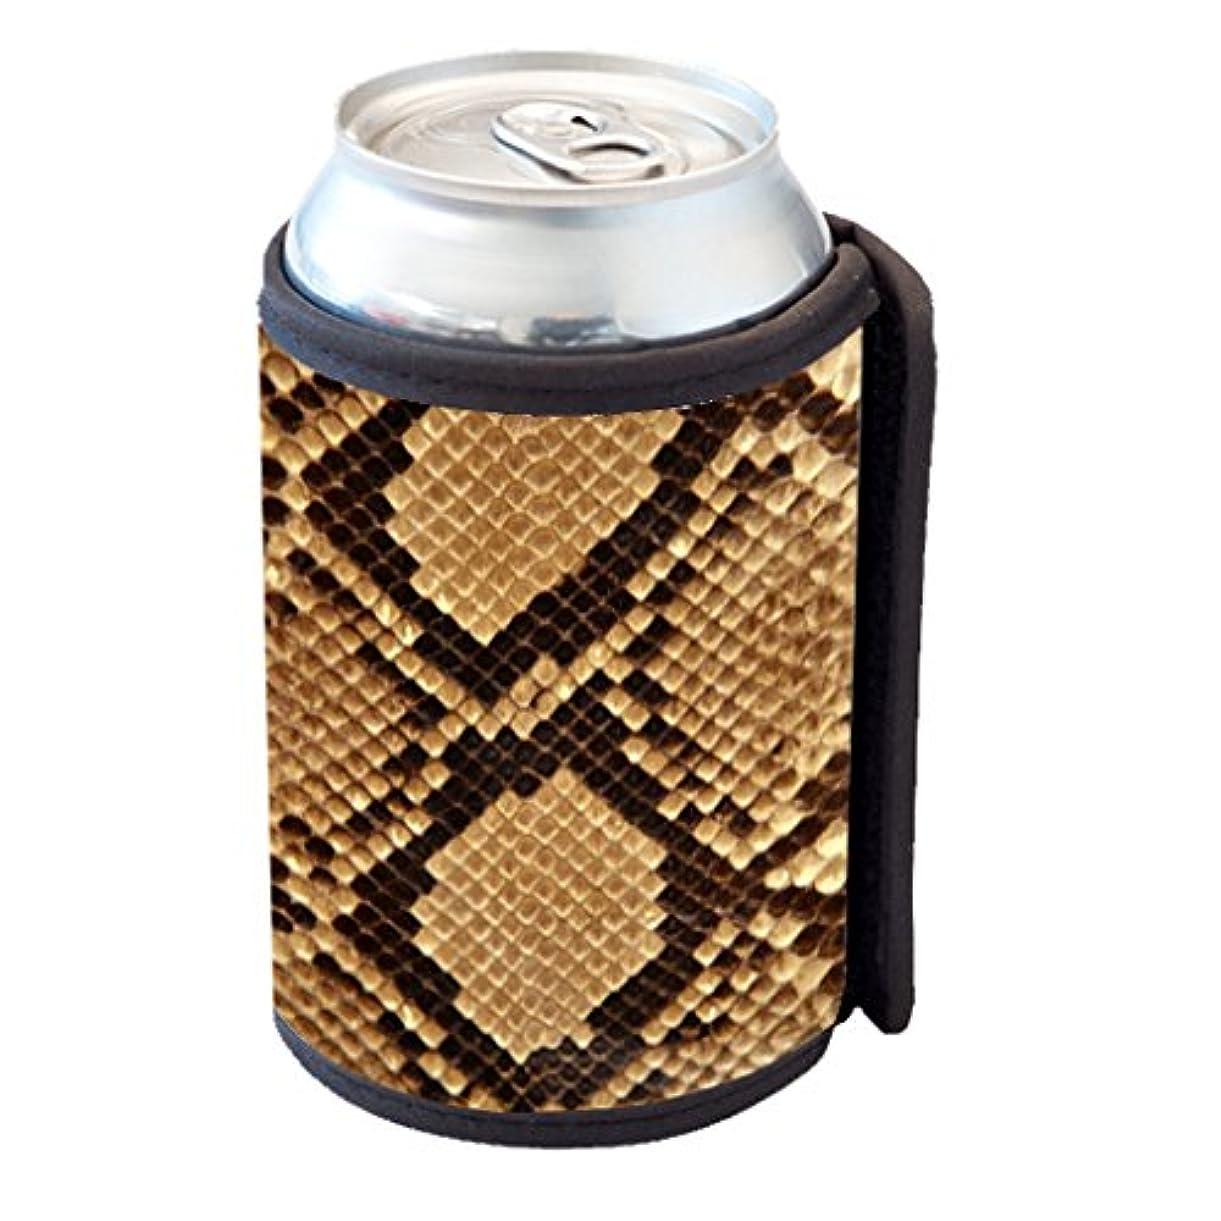 フレア電話をかけるパトロール蛇皮ブラウンパターン – Can Cooler Bottle Hugger